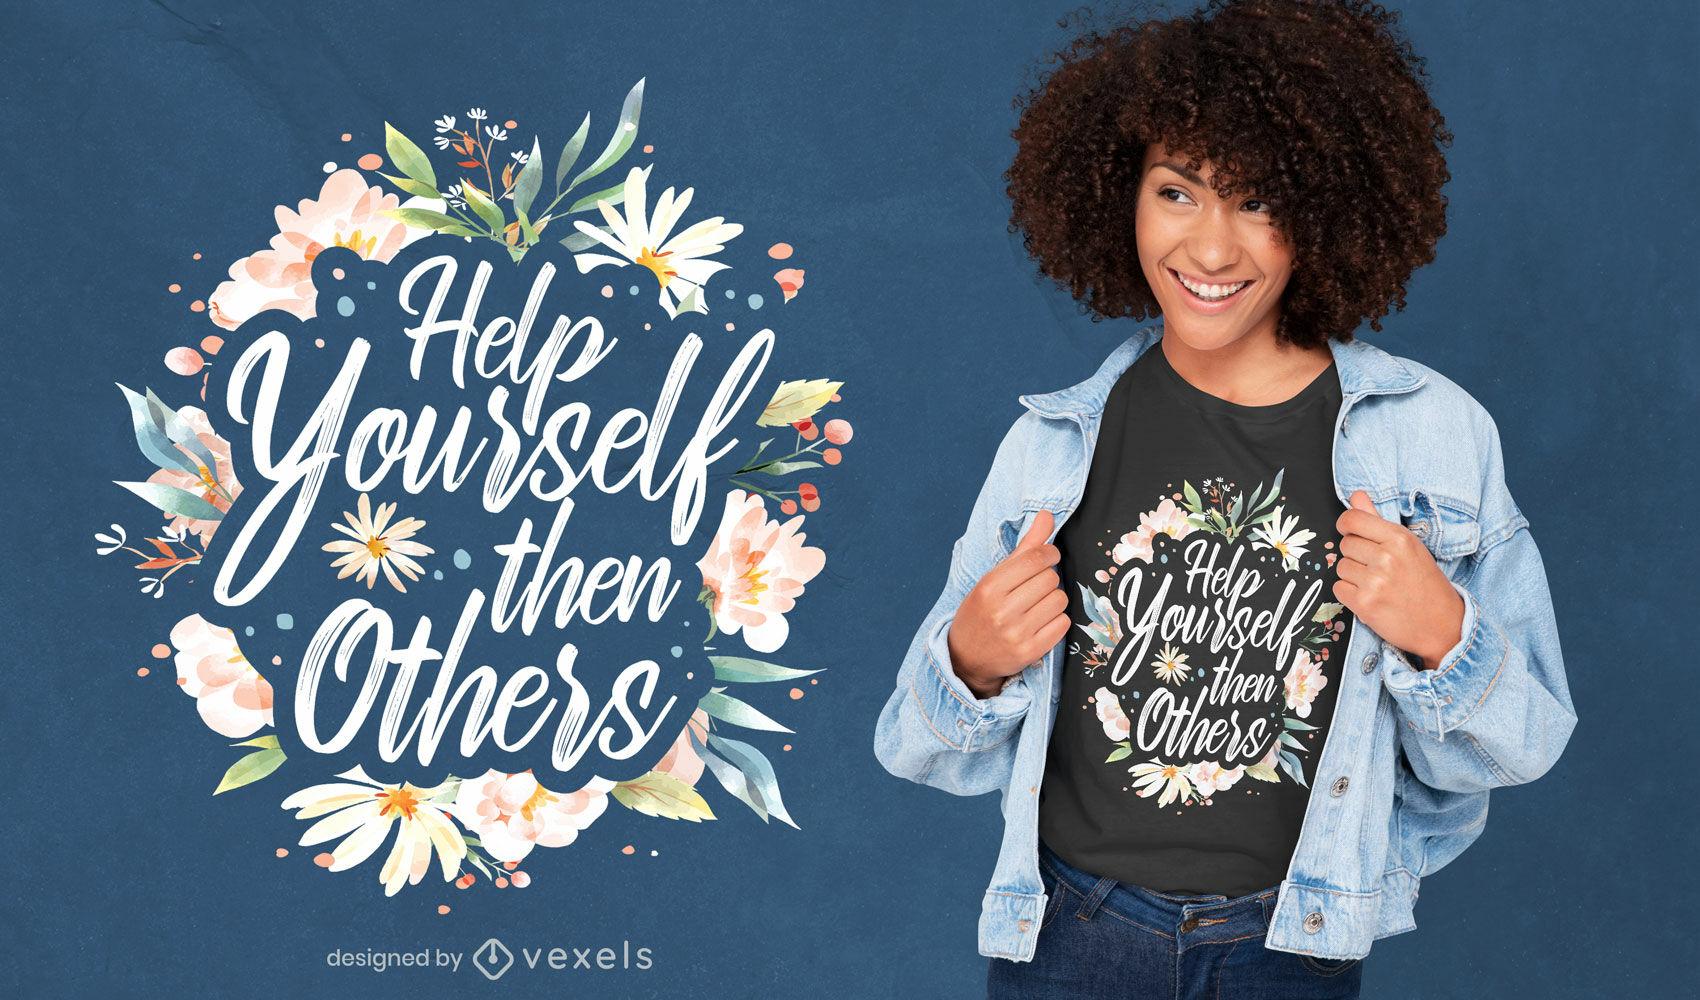 Letras florales ayudate a ti mismo el dise?o de la camiseta